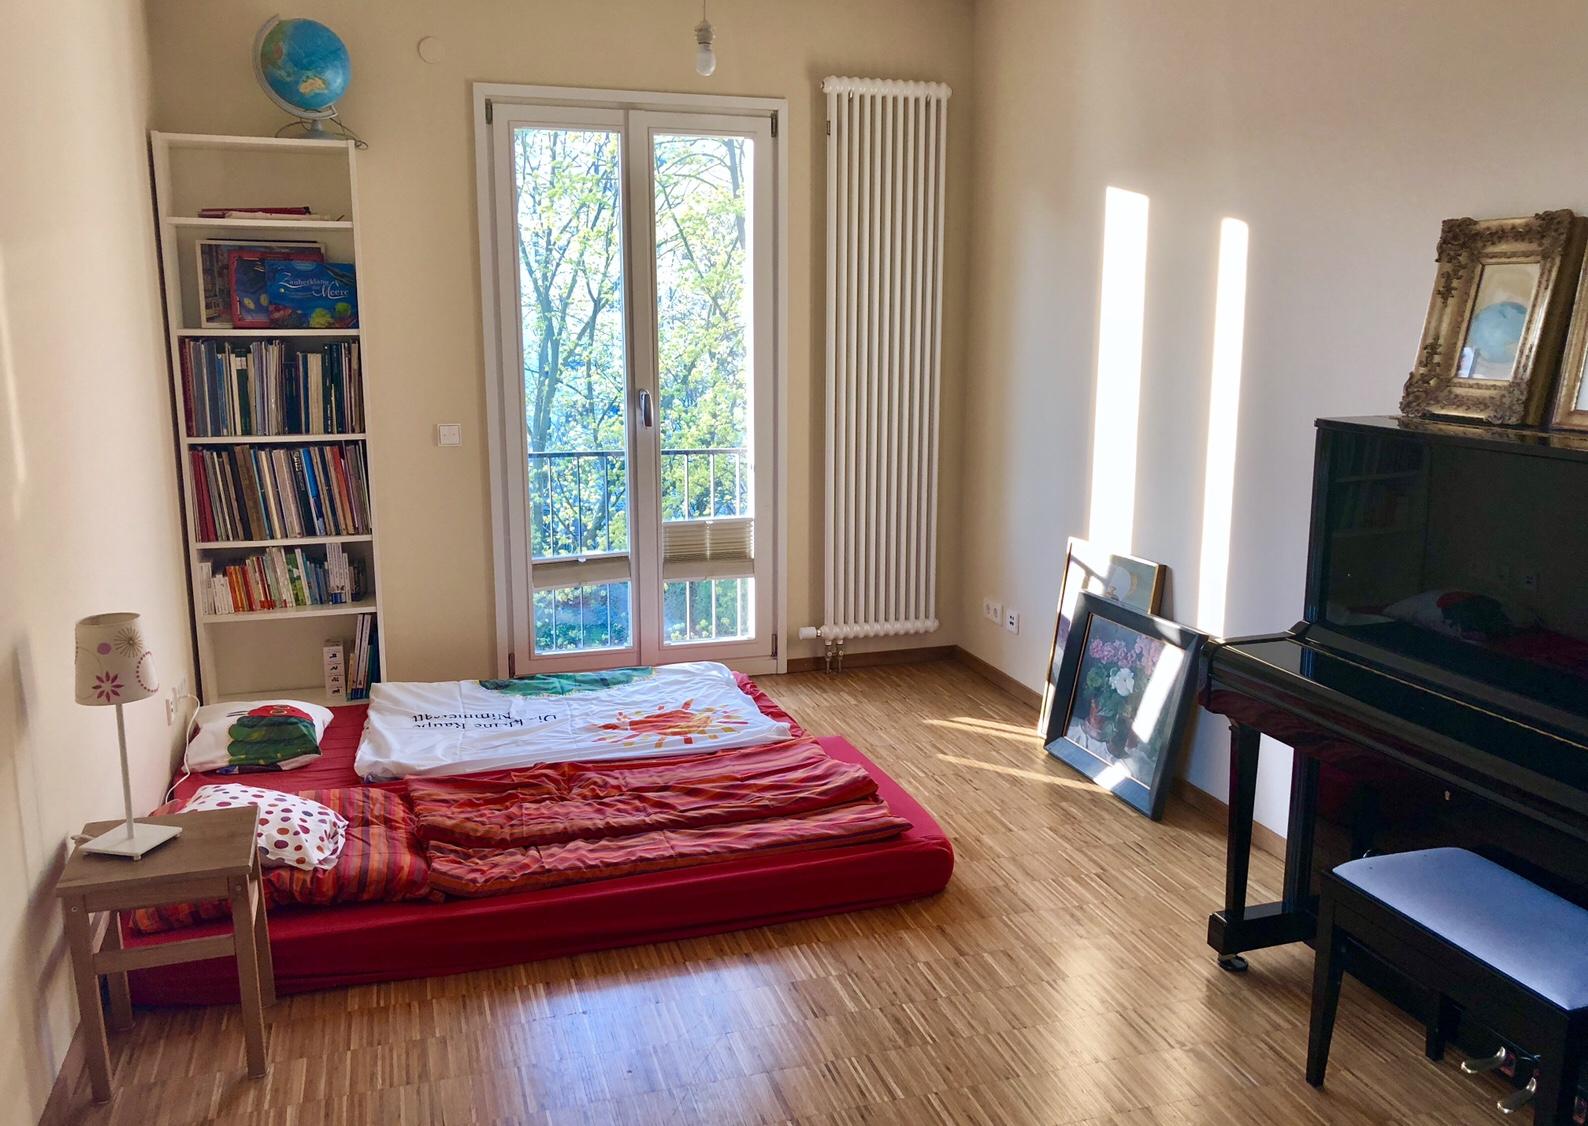 Impro Gästezimmer | berlinmittemom.com